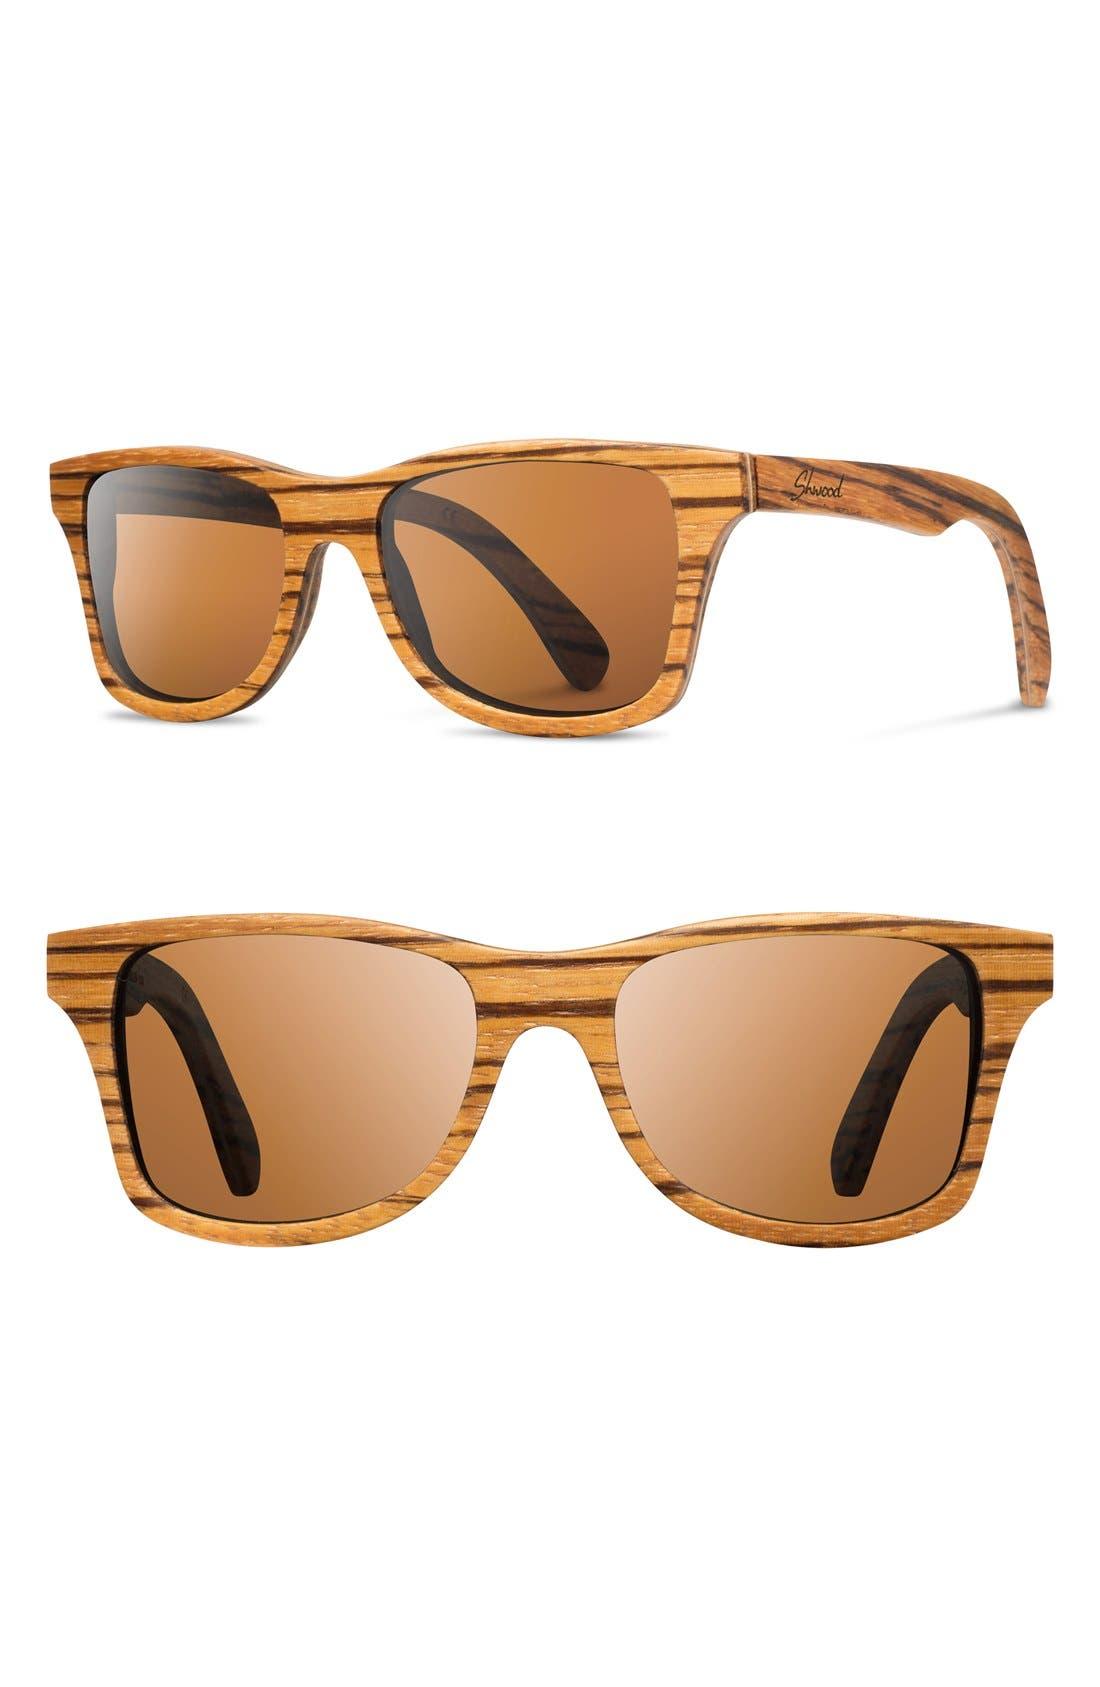 Main Image - Shwood 'Canby' 54mm Polarized Wood Sunglasses